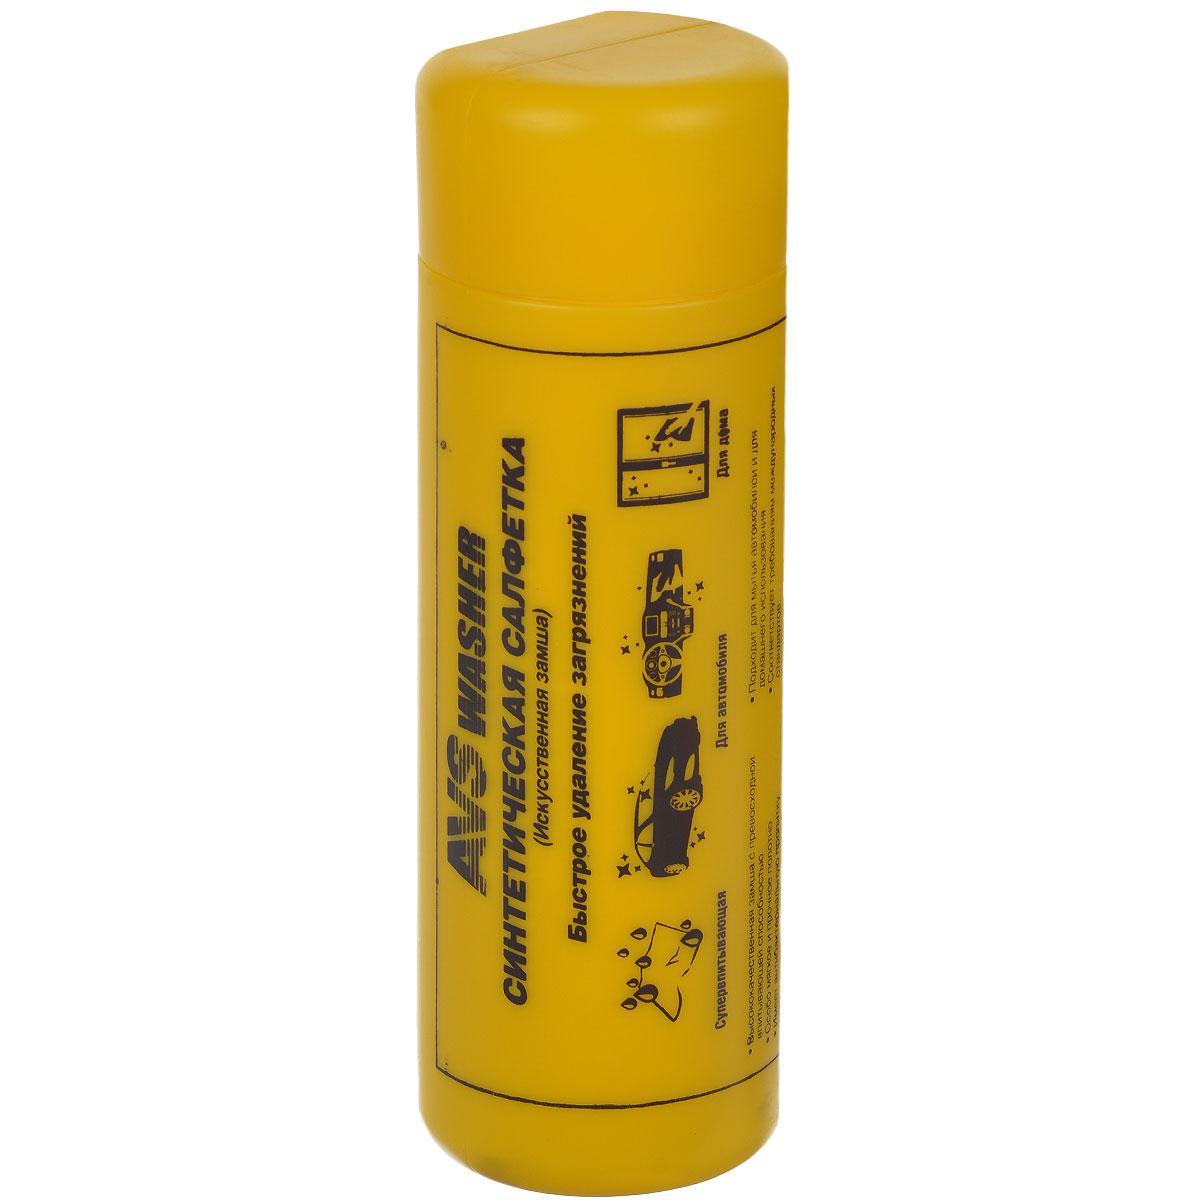 Салфетка синтетическая AVS CH-6443, 64 х 43 см43447Синтетическая салфетка AVS CH-6443 подходит для мытья автомобиля и для домашнего использования. Она выполнена из искусственной замши. Соответствует требованиям международных стандартов. Особенности: Высококачественная замша с превосходной впитывающей способностью. Особо мягкое и прочное полотно. Имеет антибактериальную пропитку. Идеально моет, чистит, полностью высушивает. Легко очищает въевшиеся загрязнения без применения химических очистителей. Устойчива к воздействию масла, топлива, очищающих жидкостей. Обеспечивает чистую, сухую, блестящую поверхность без разводов и ворсинок.